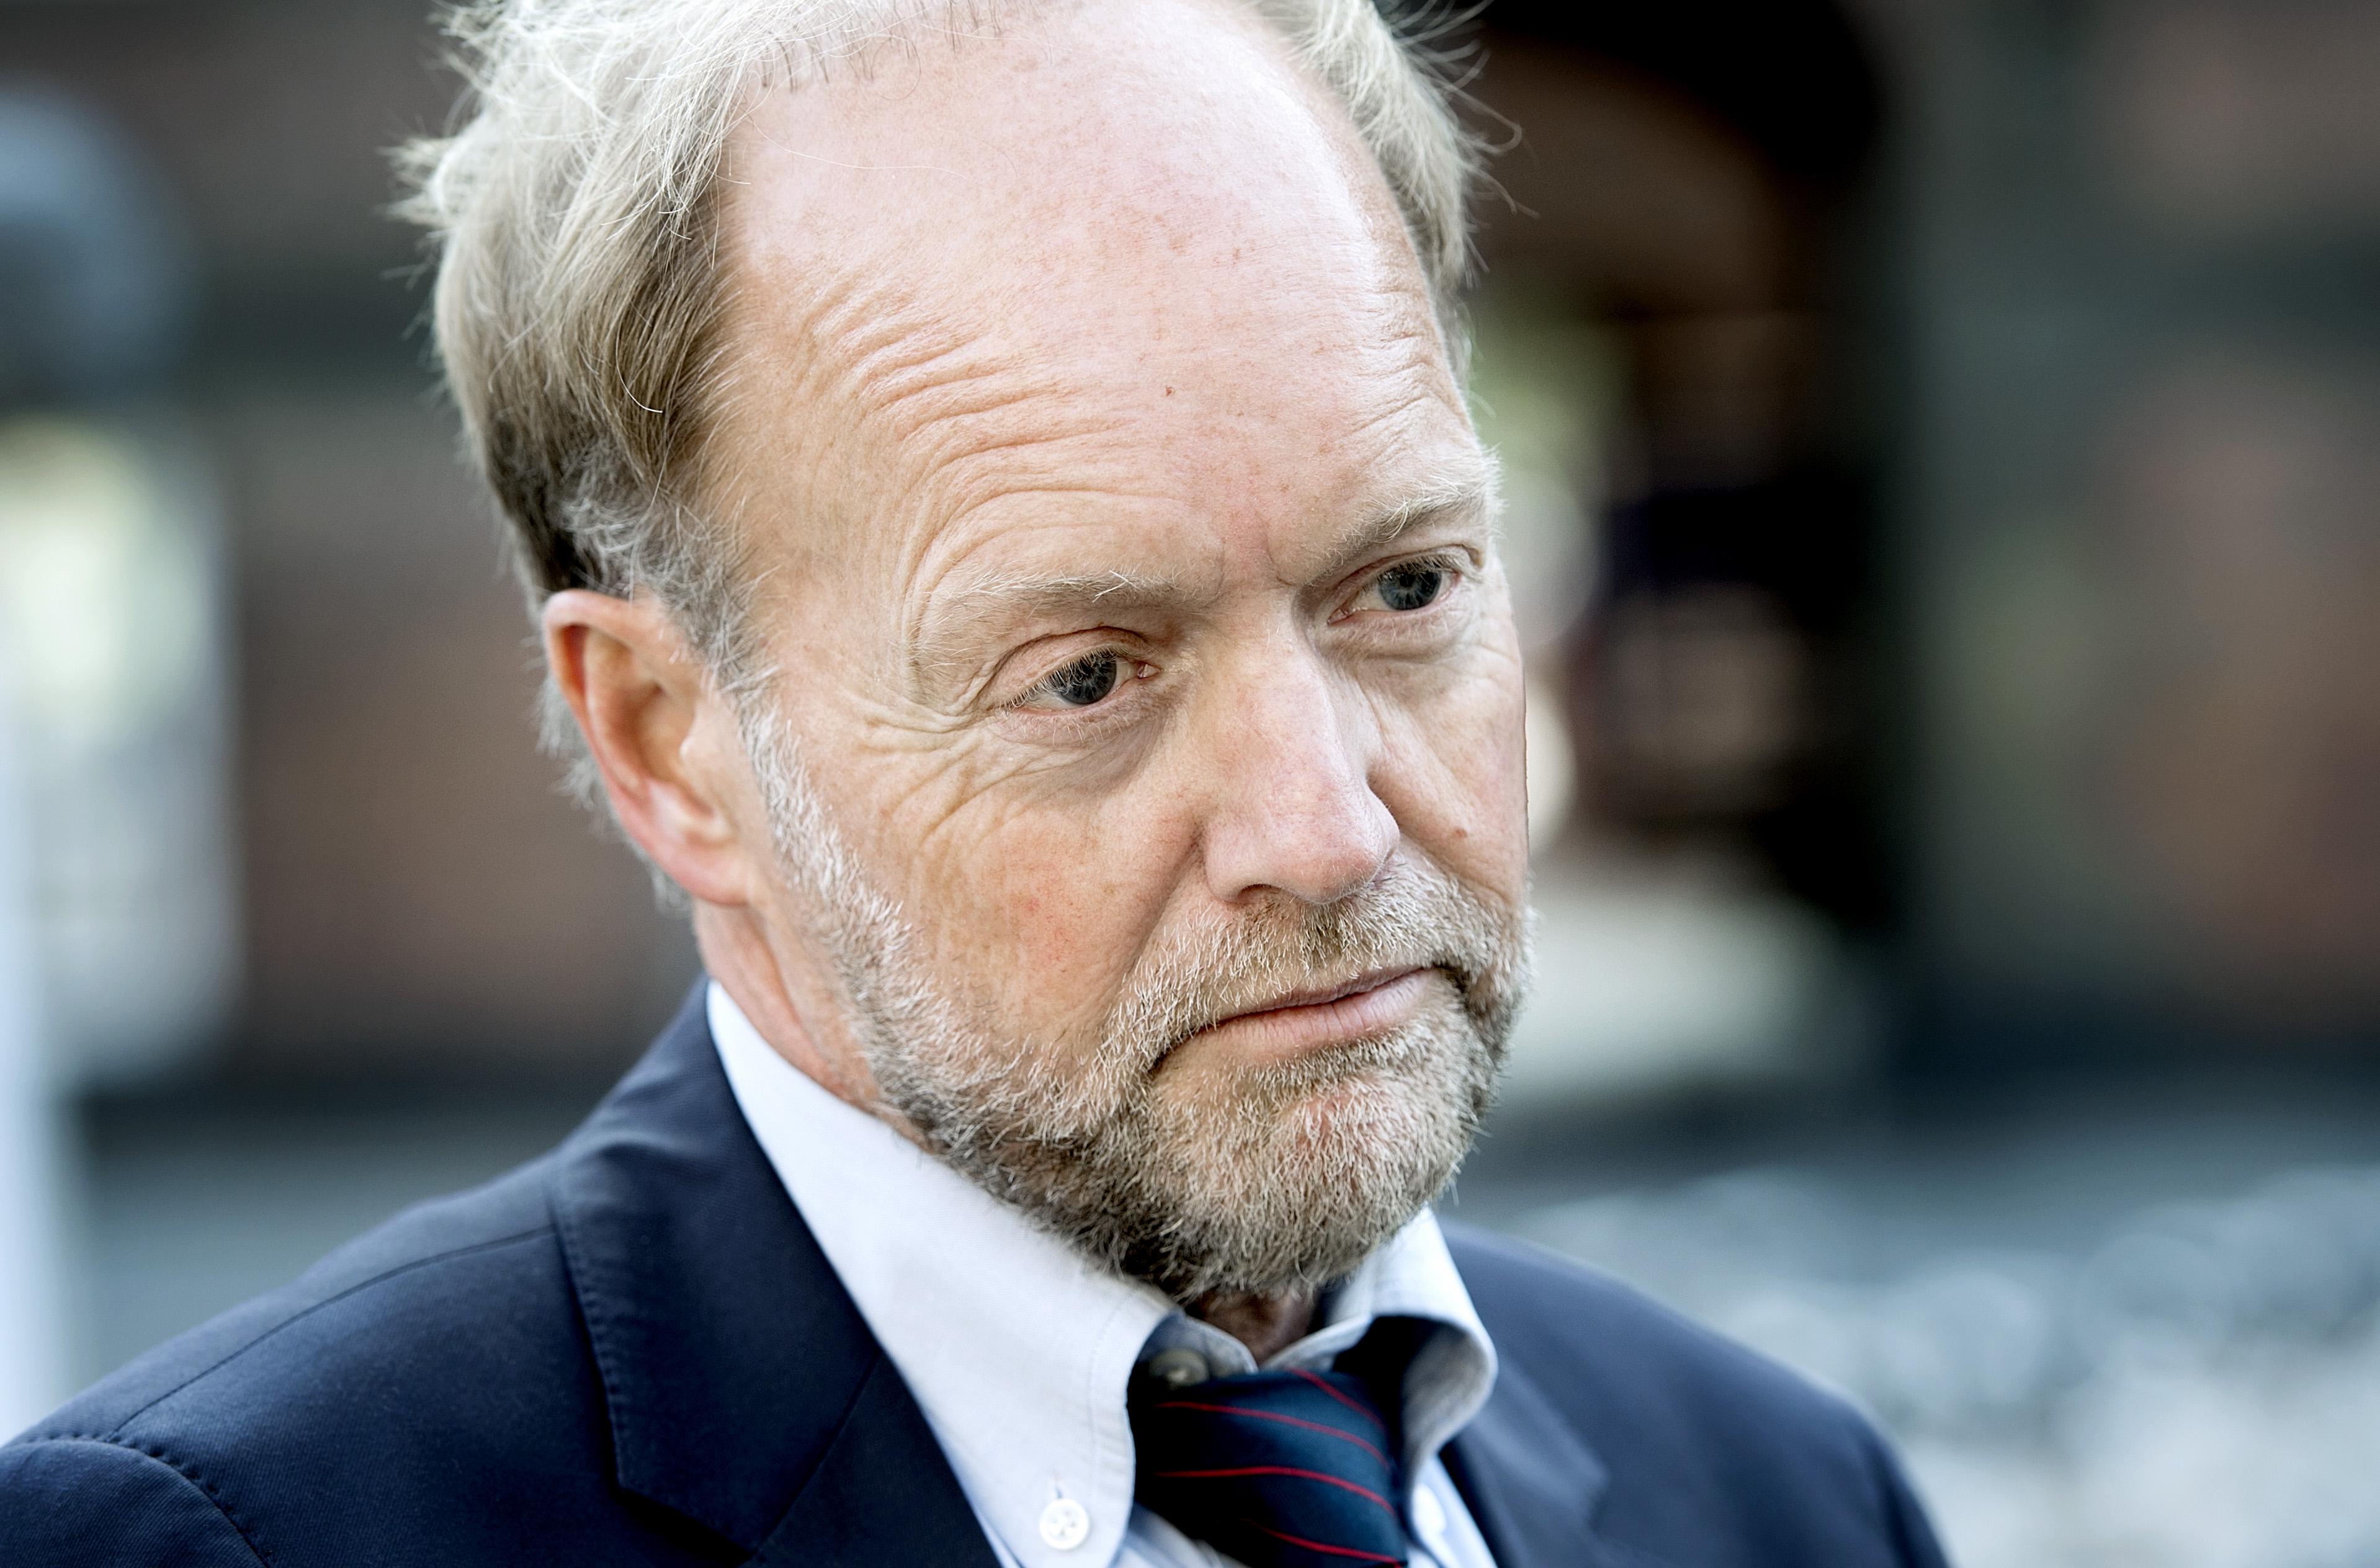 Mikael Sjöberg, landsdommer og formand for Dommerforeningen. Foto: Keld Navntoft/Ritzau Scanpix